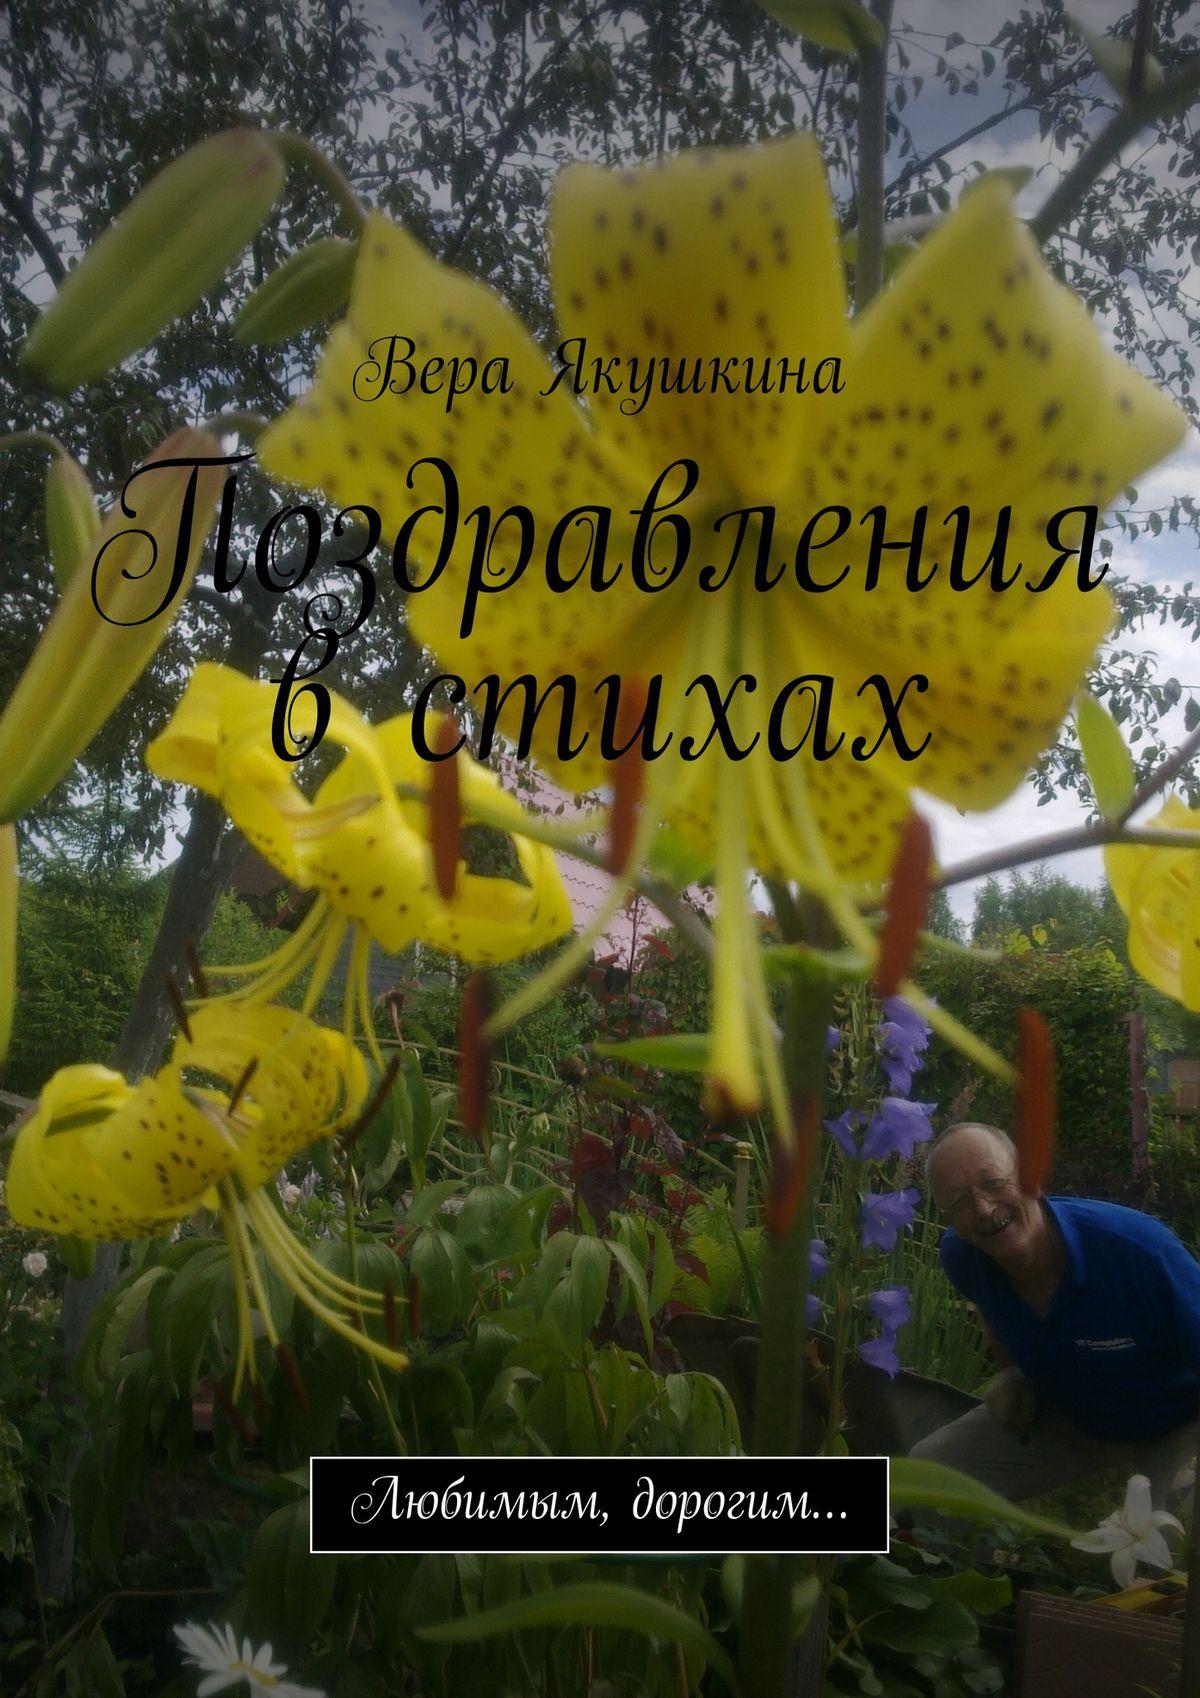 Вера Якушкина Поздравления в стихах. Любимым, дорогим…